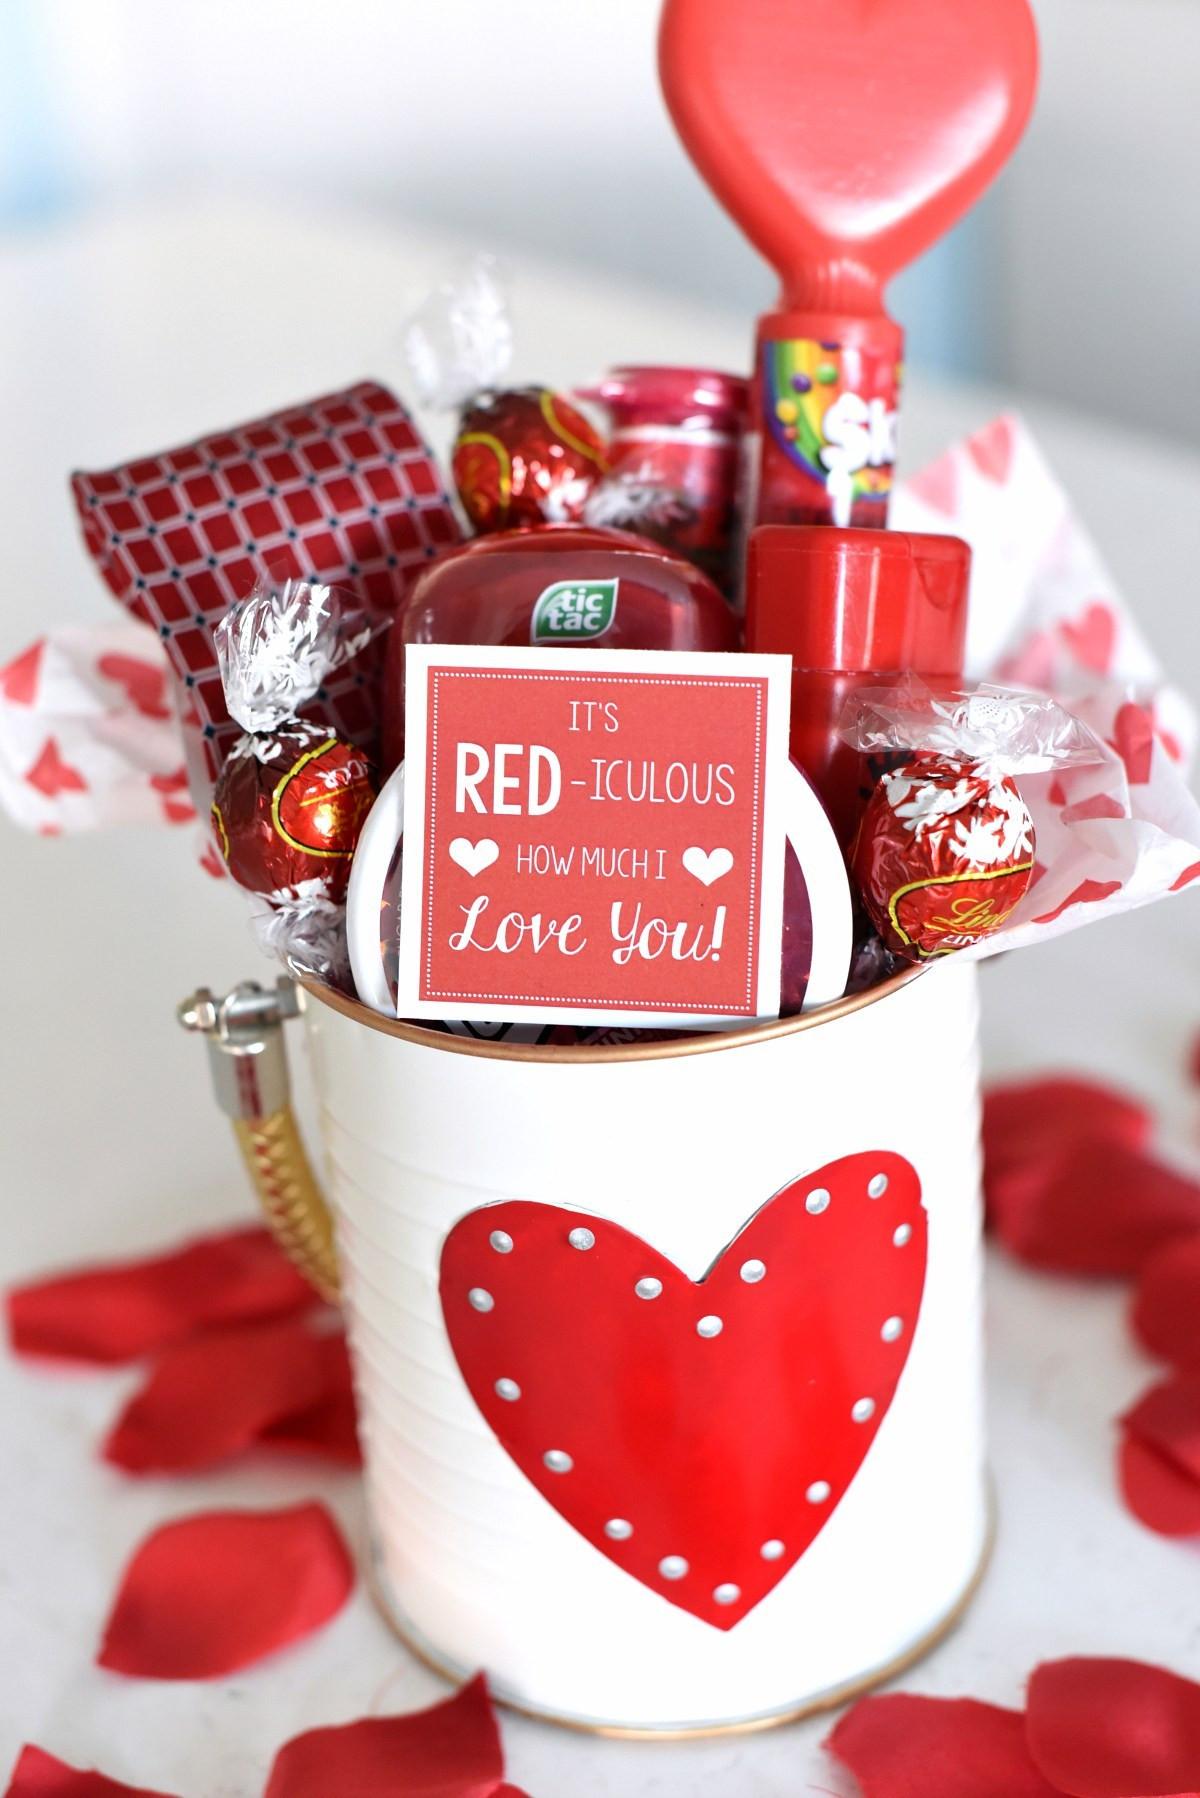 Valentine Day Gift Ideas  25 DIY Valentine s Day Gift Ideas Teens Will Love